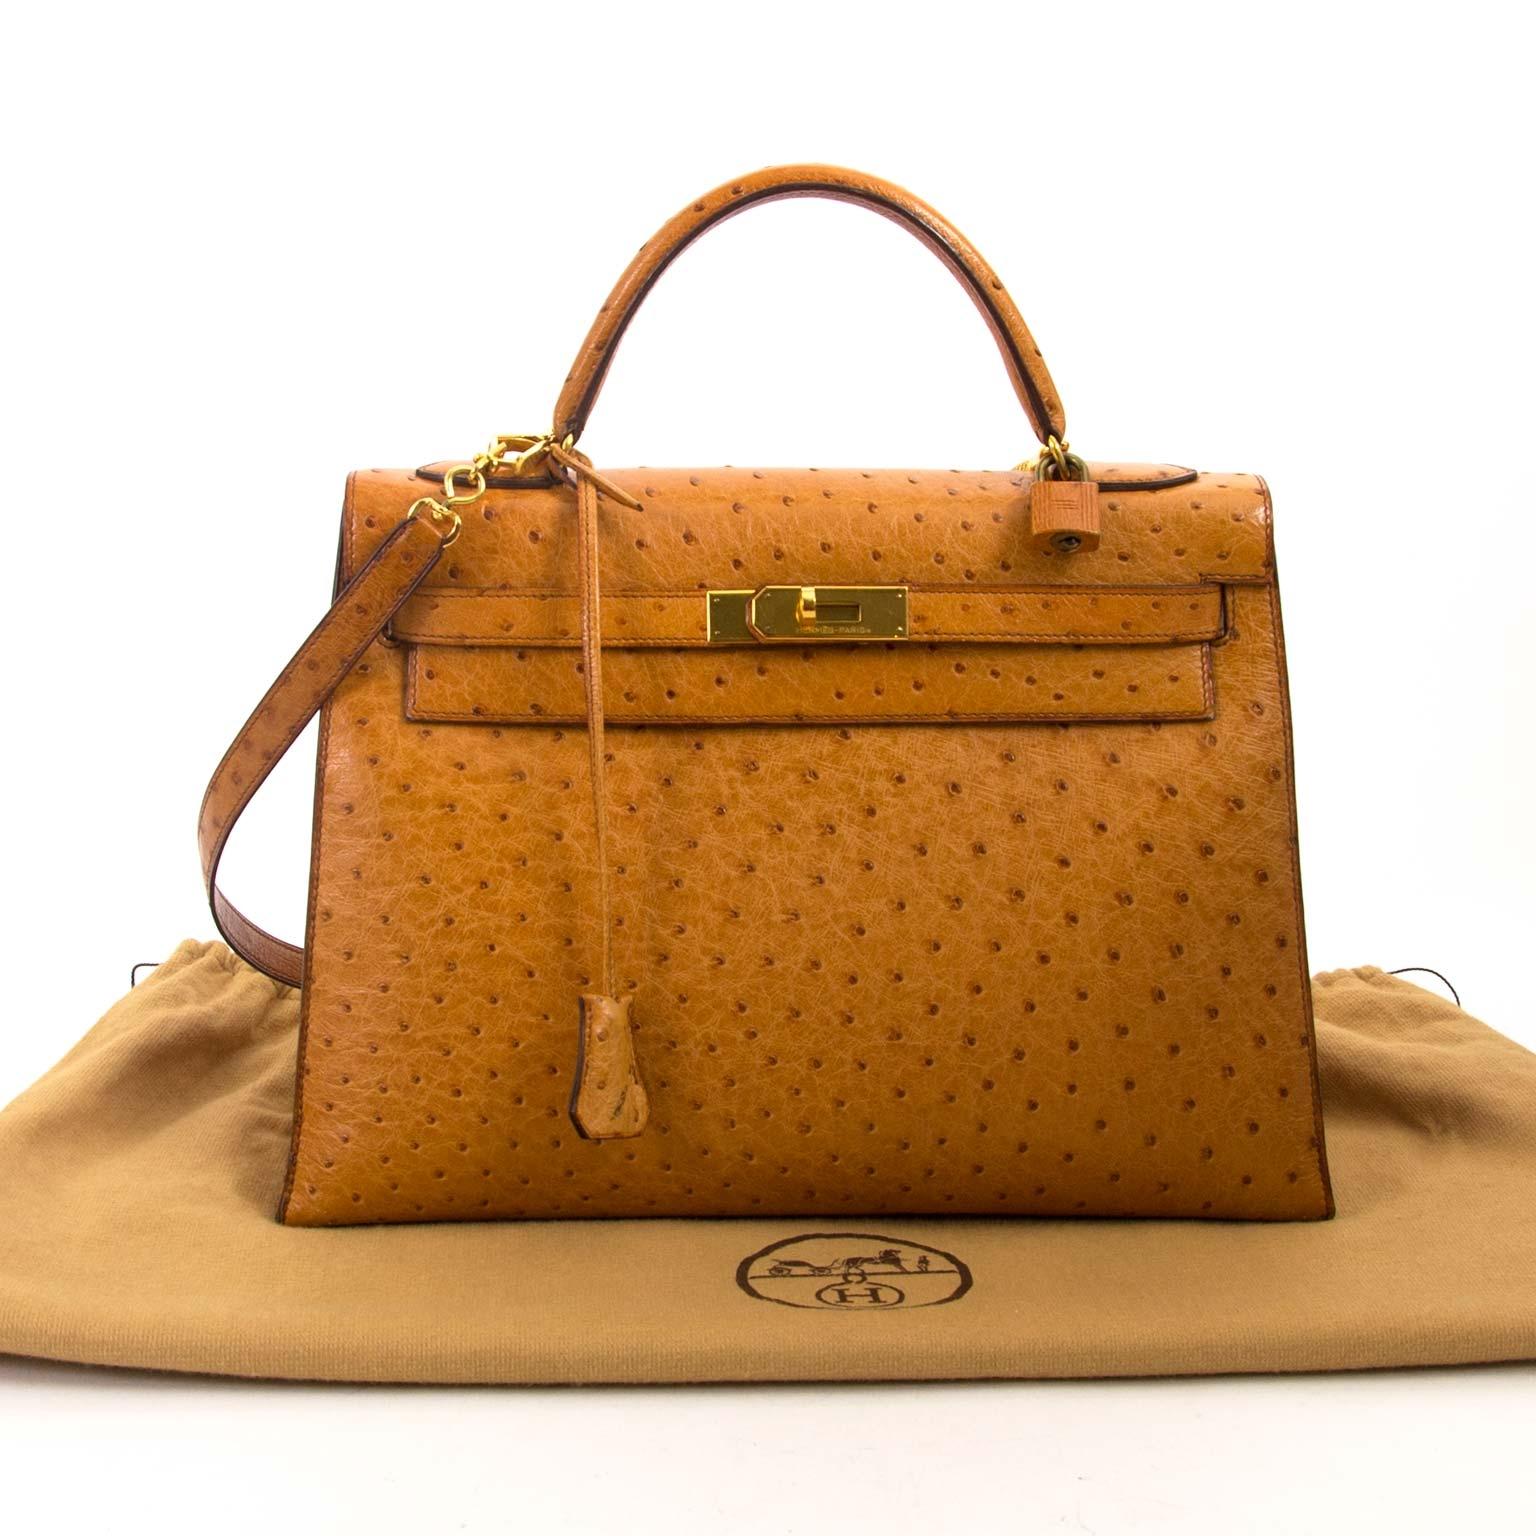 Hermès Kelly 32 Ostrich Gold GHW kopen en verkopen aan de beste prijs bij Labellov